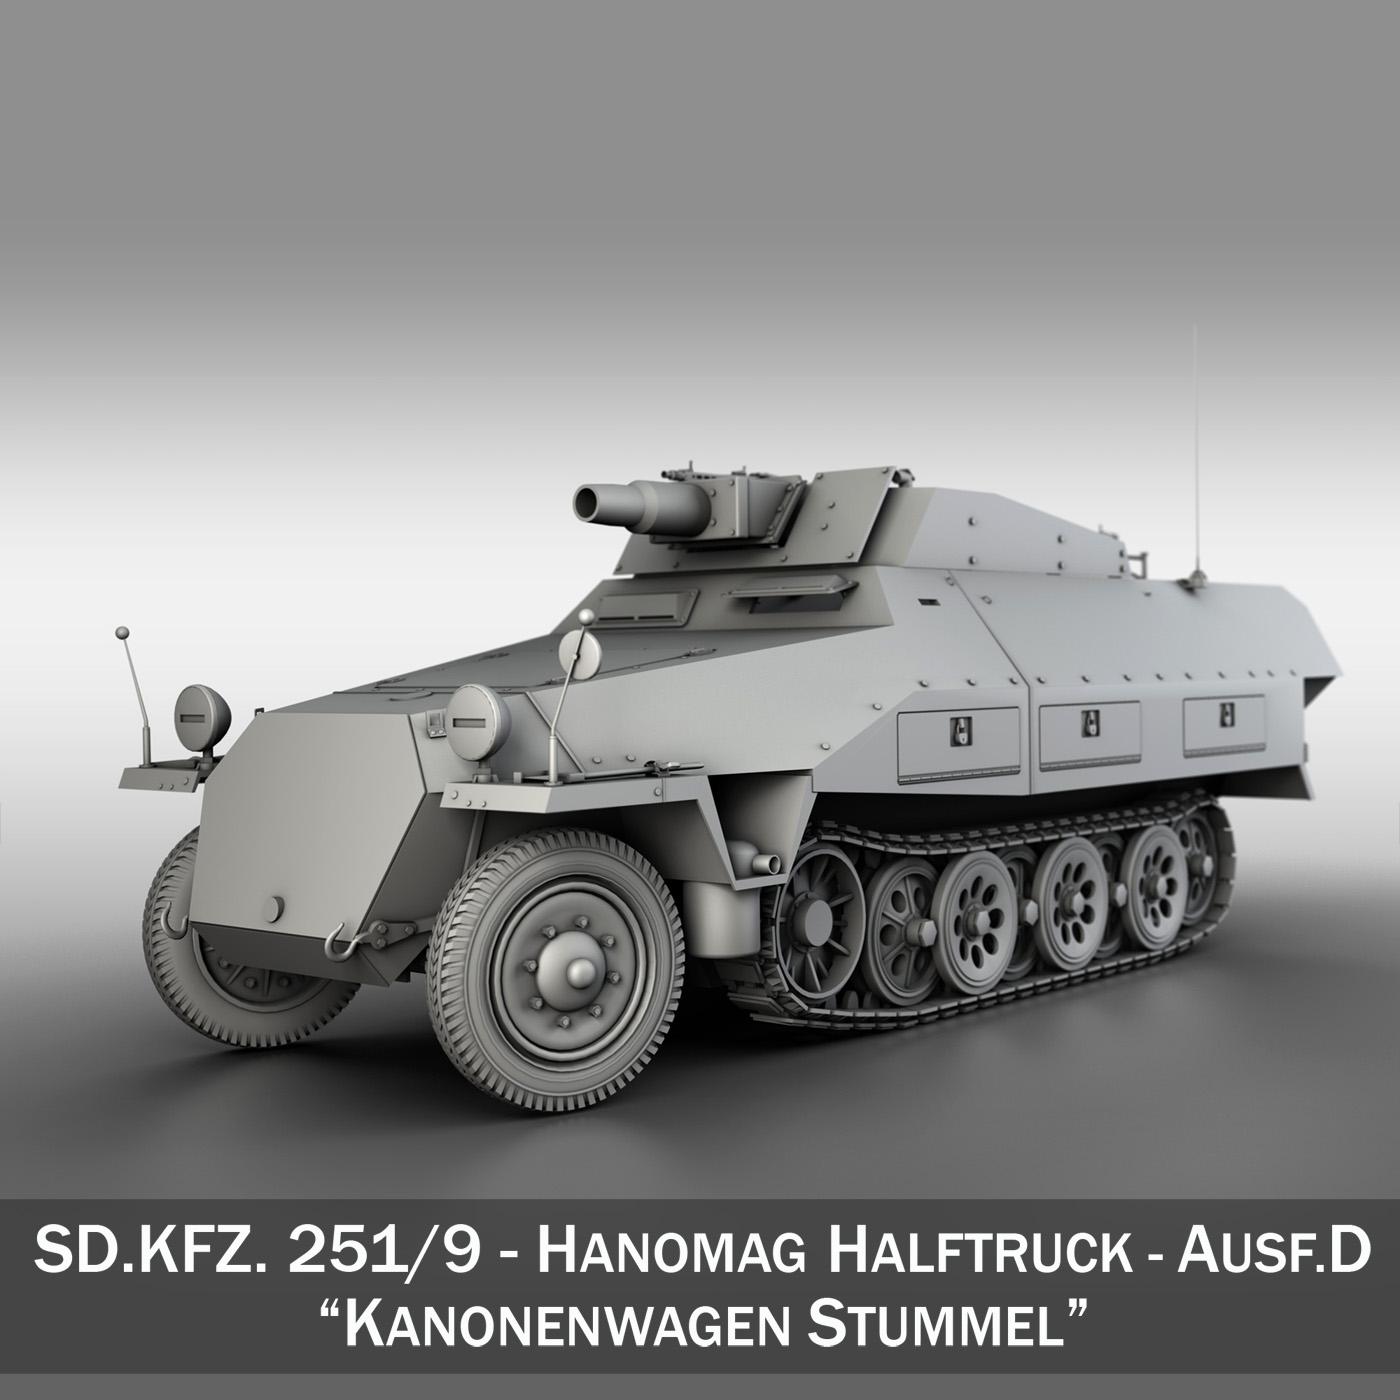 Sdkfz 2519 Ausfd Kanonenwagen Stummel 3d Model